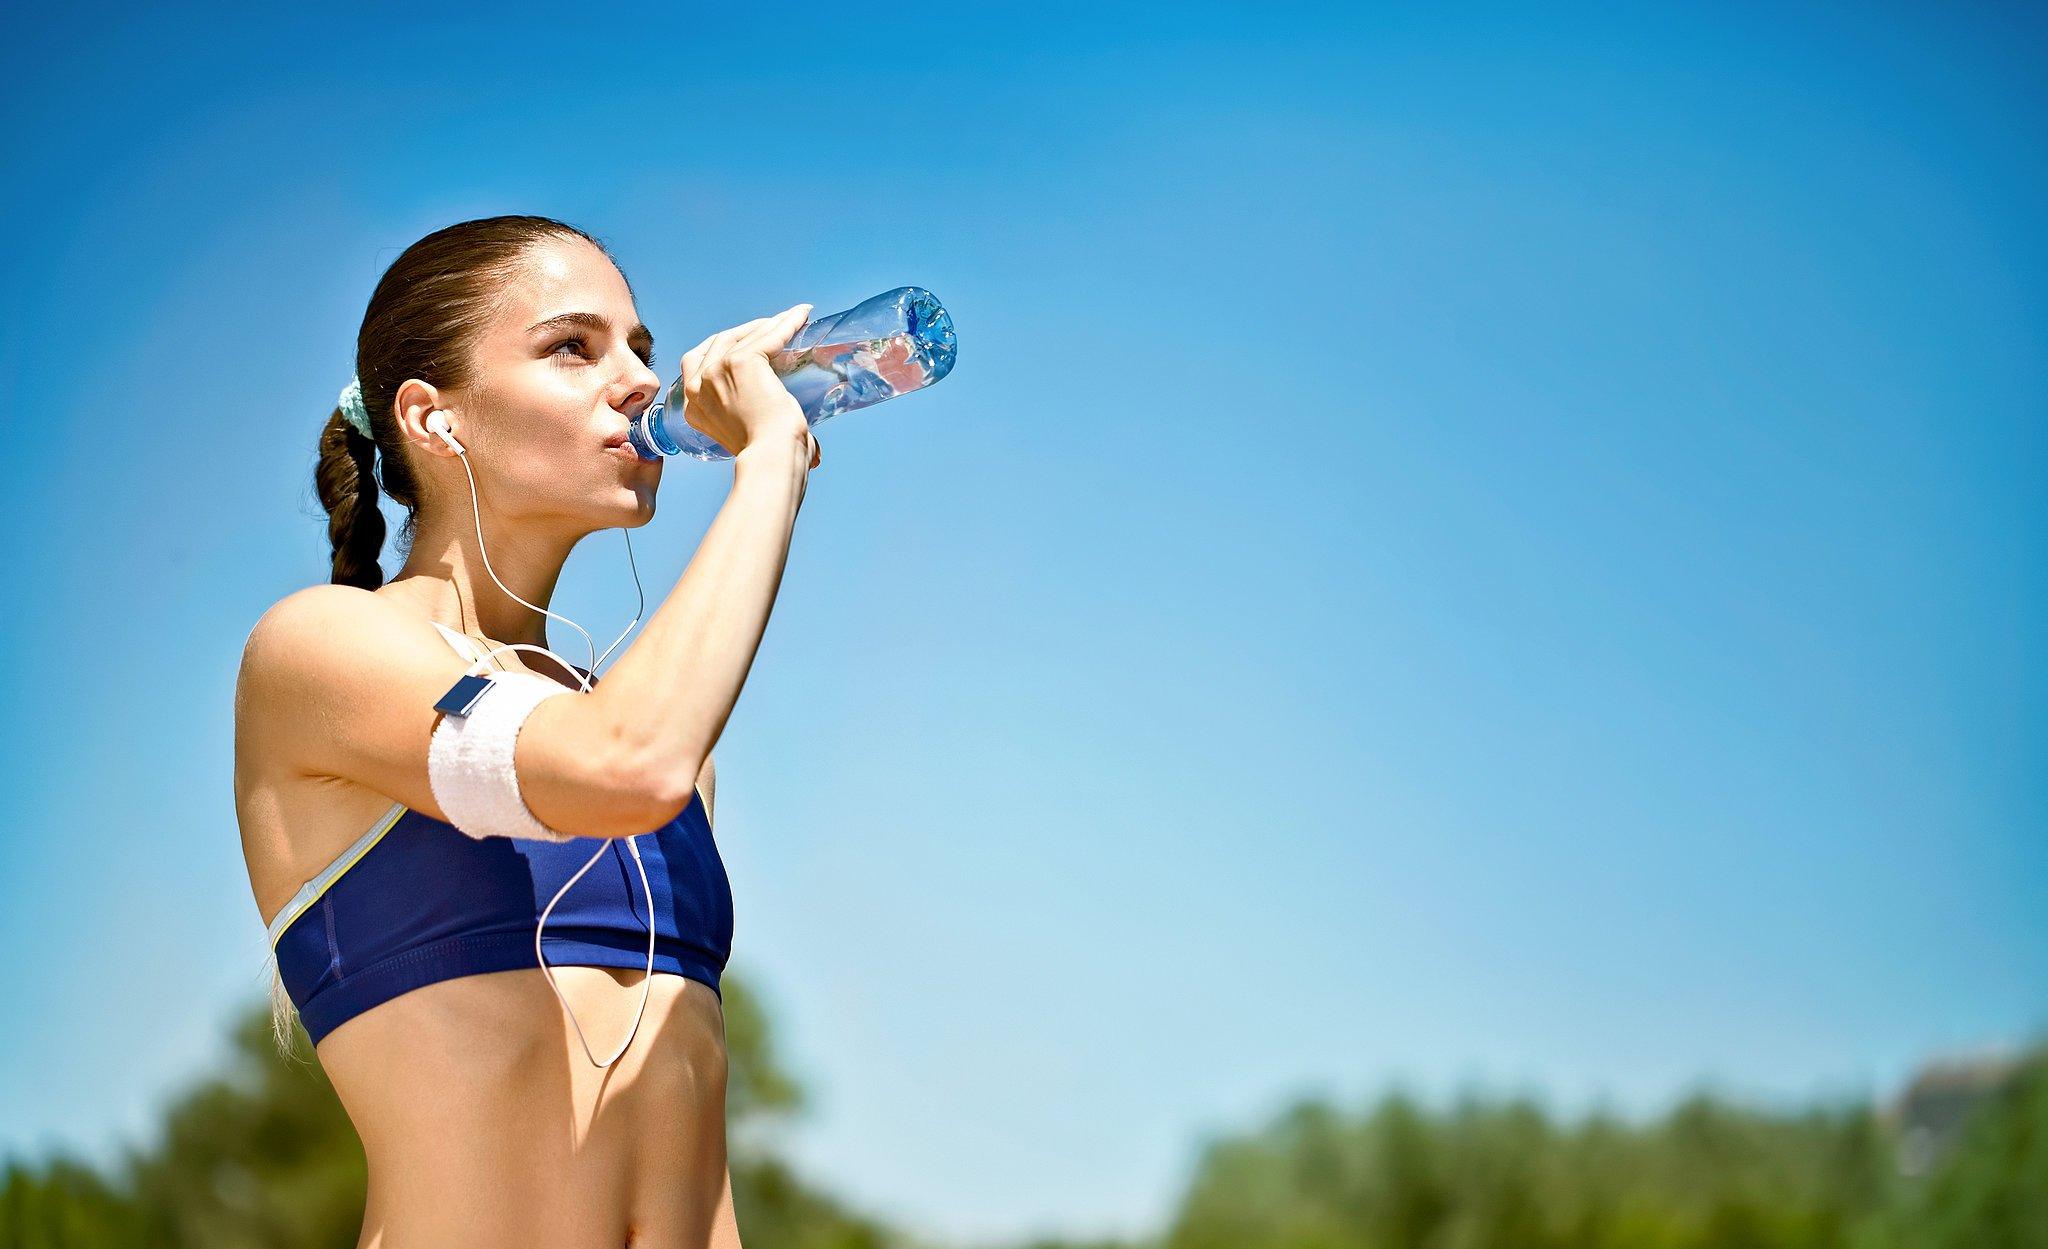 Потребление воды во время и после тренировки: можно или нельзя, какую лучше пить